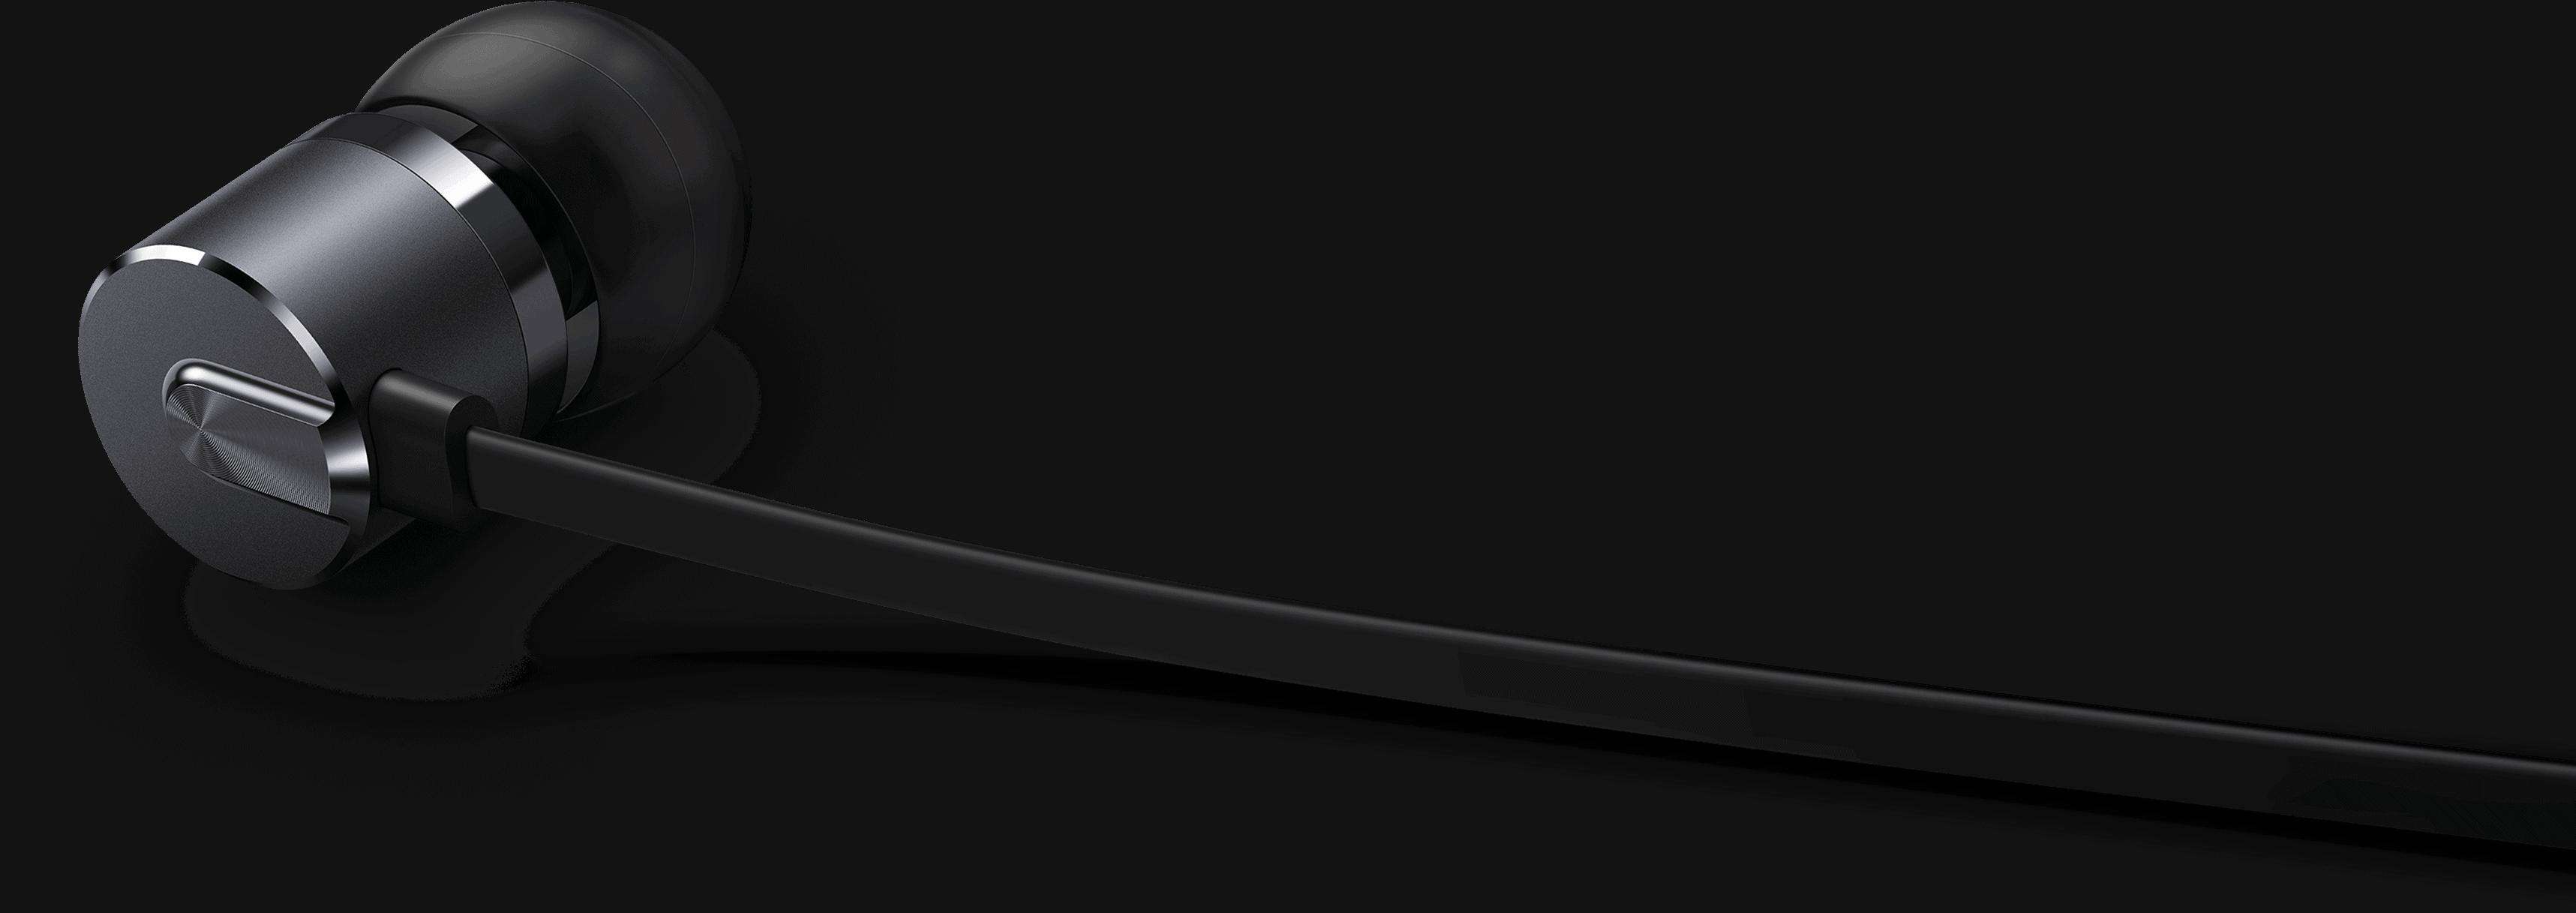 OnePlus Bullets V2 earphones 1